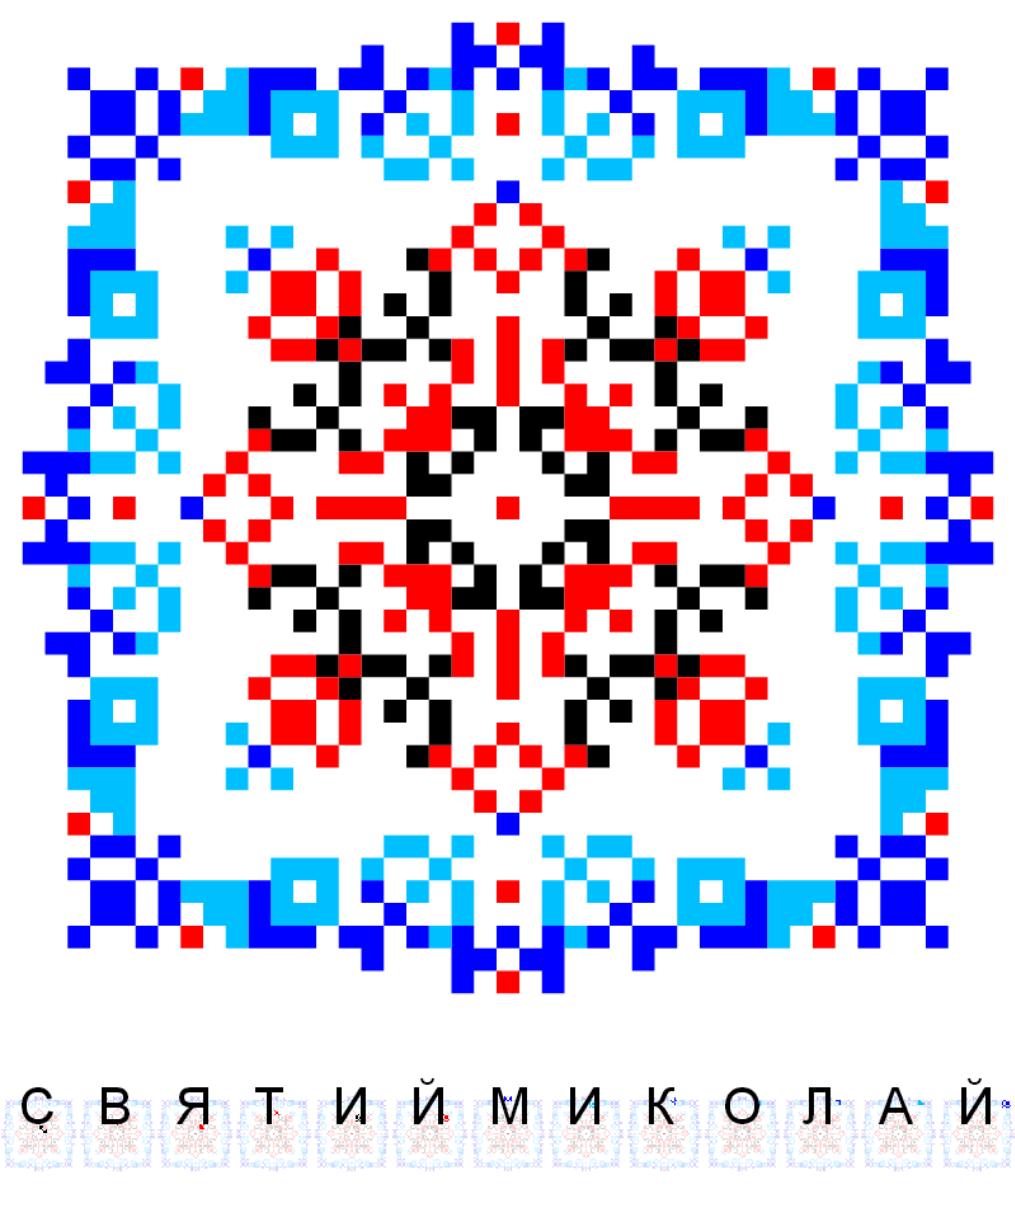 Текстовий слов'янський орнамент: Святий Миколай